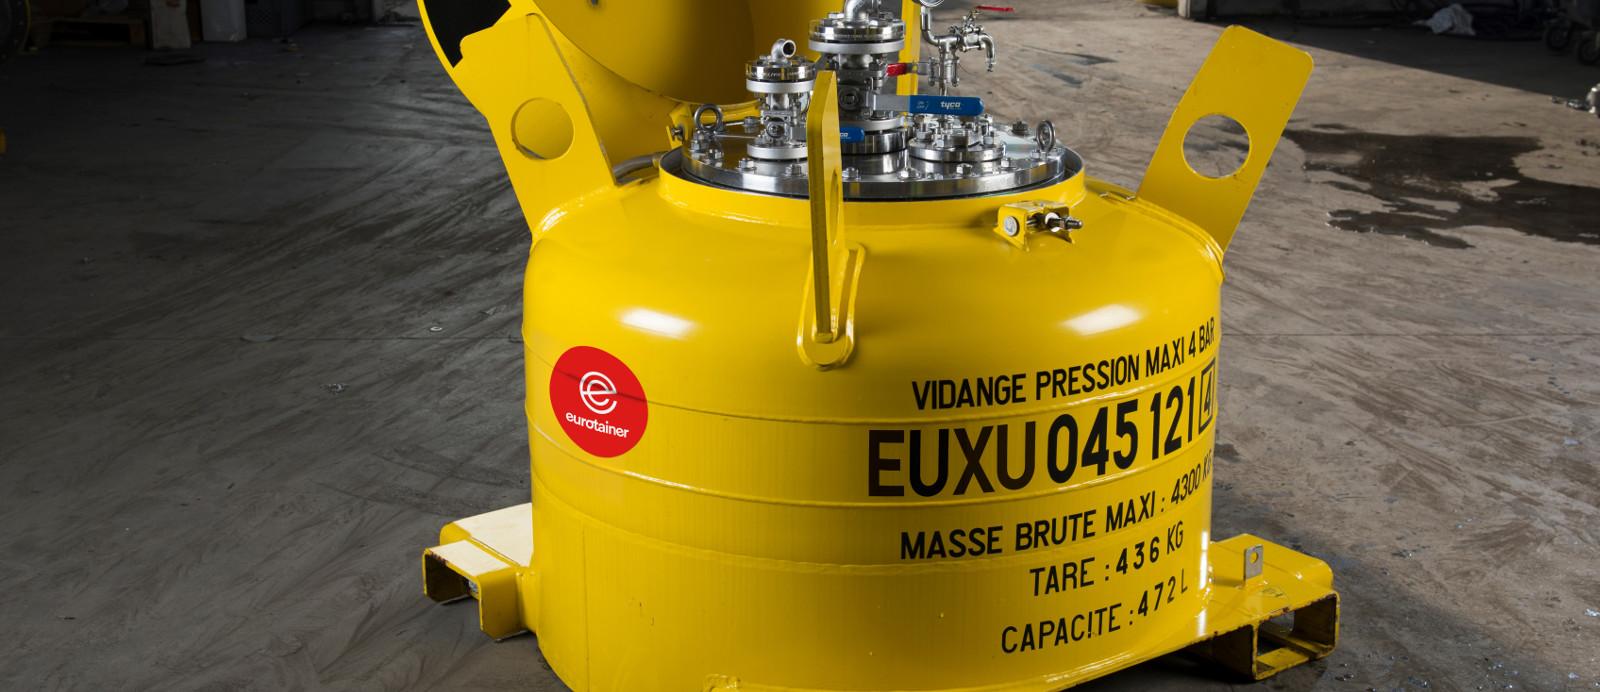 Tankcontainer mit der Kapazität weniger als 10.000 Liter  Für Gas- und Flüssigprodukte